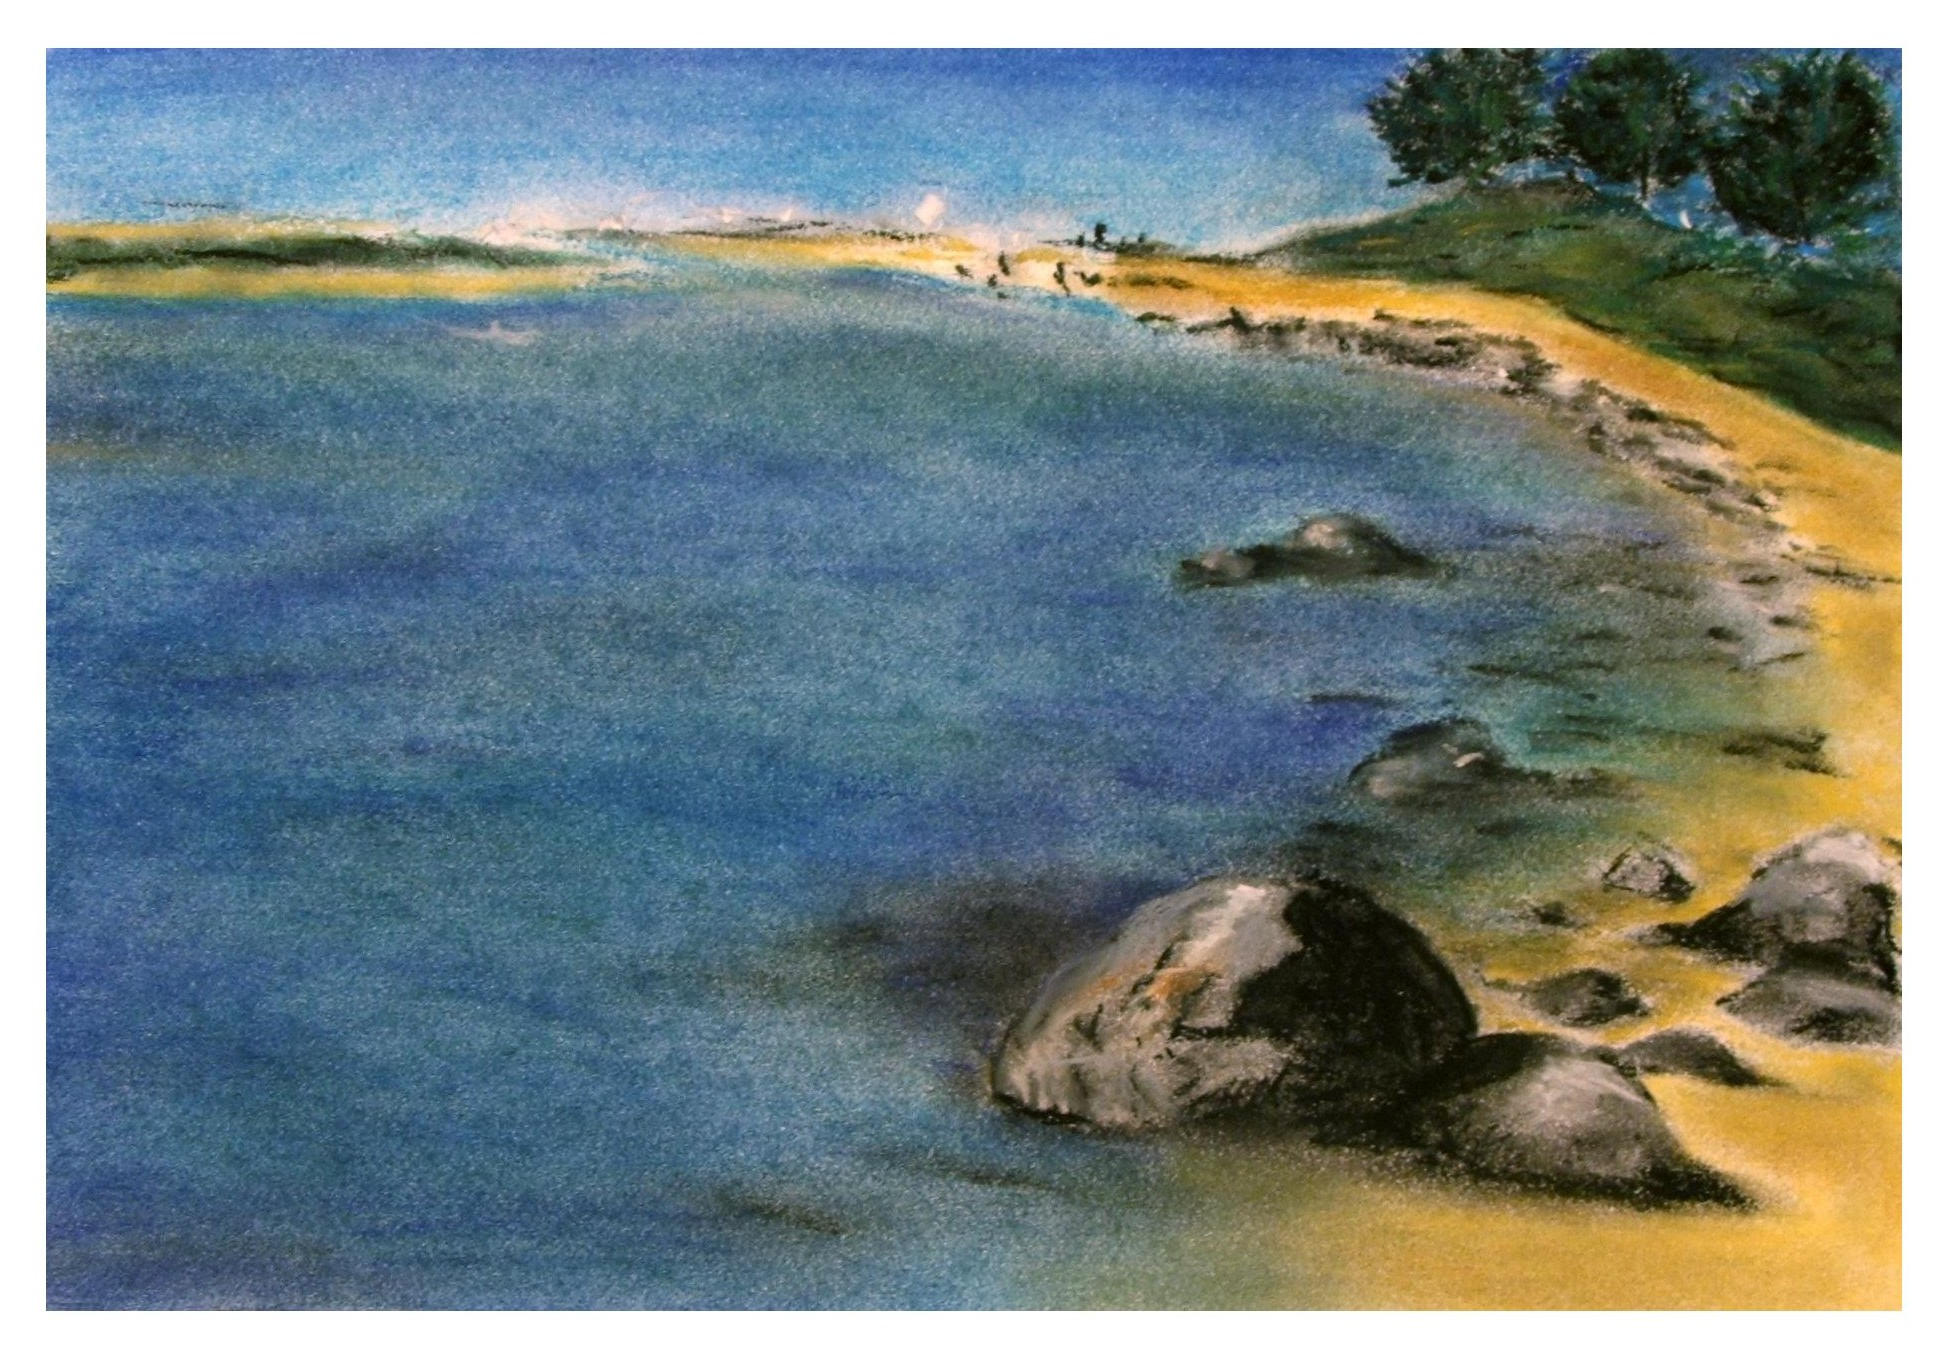 Batemans Bay by schizochicken